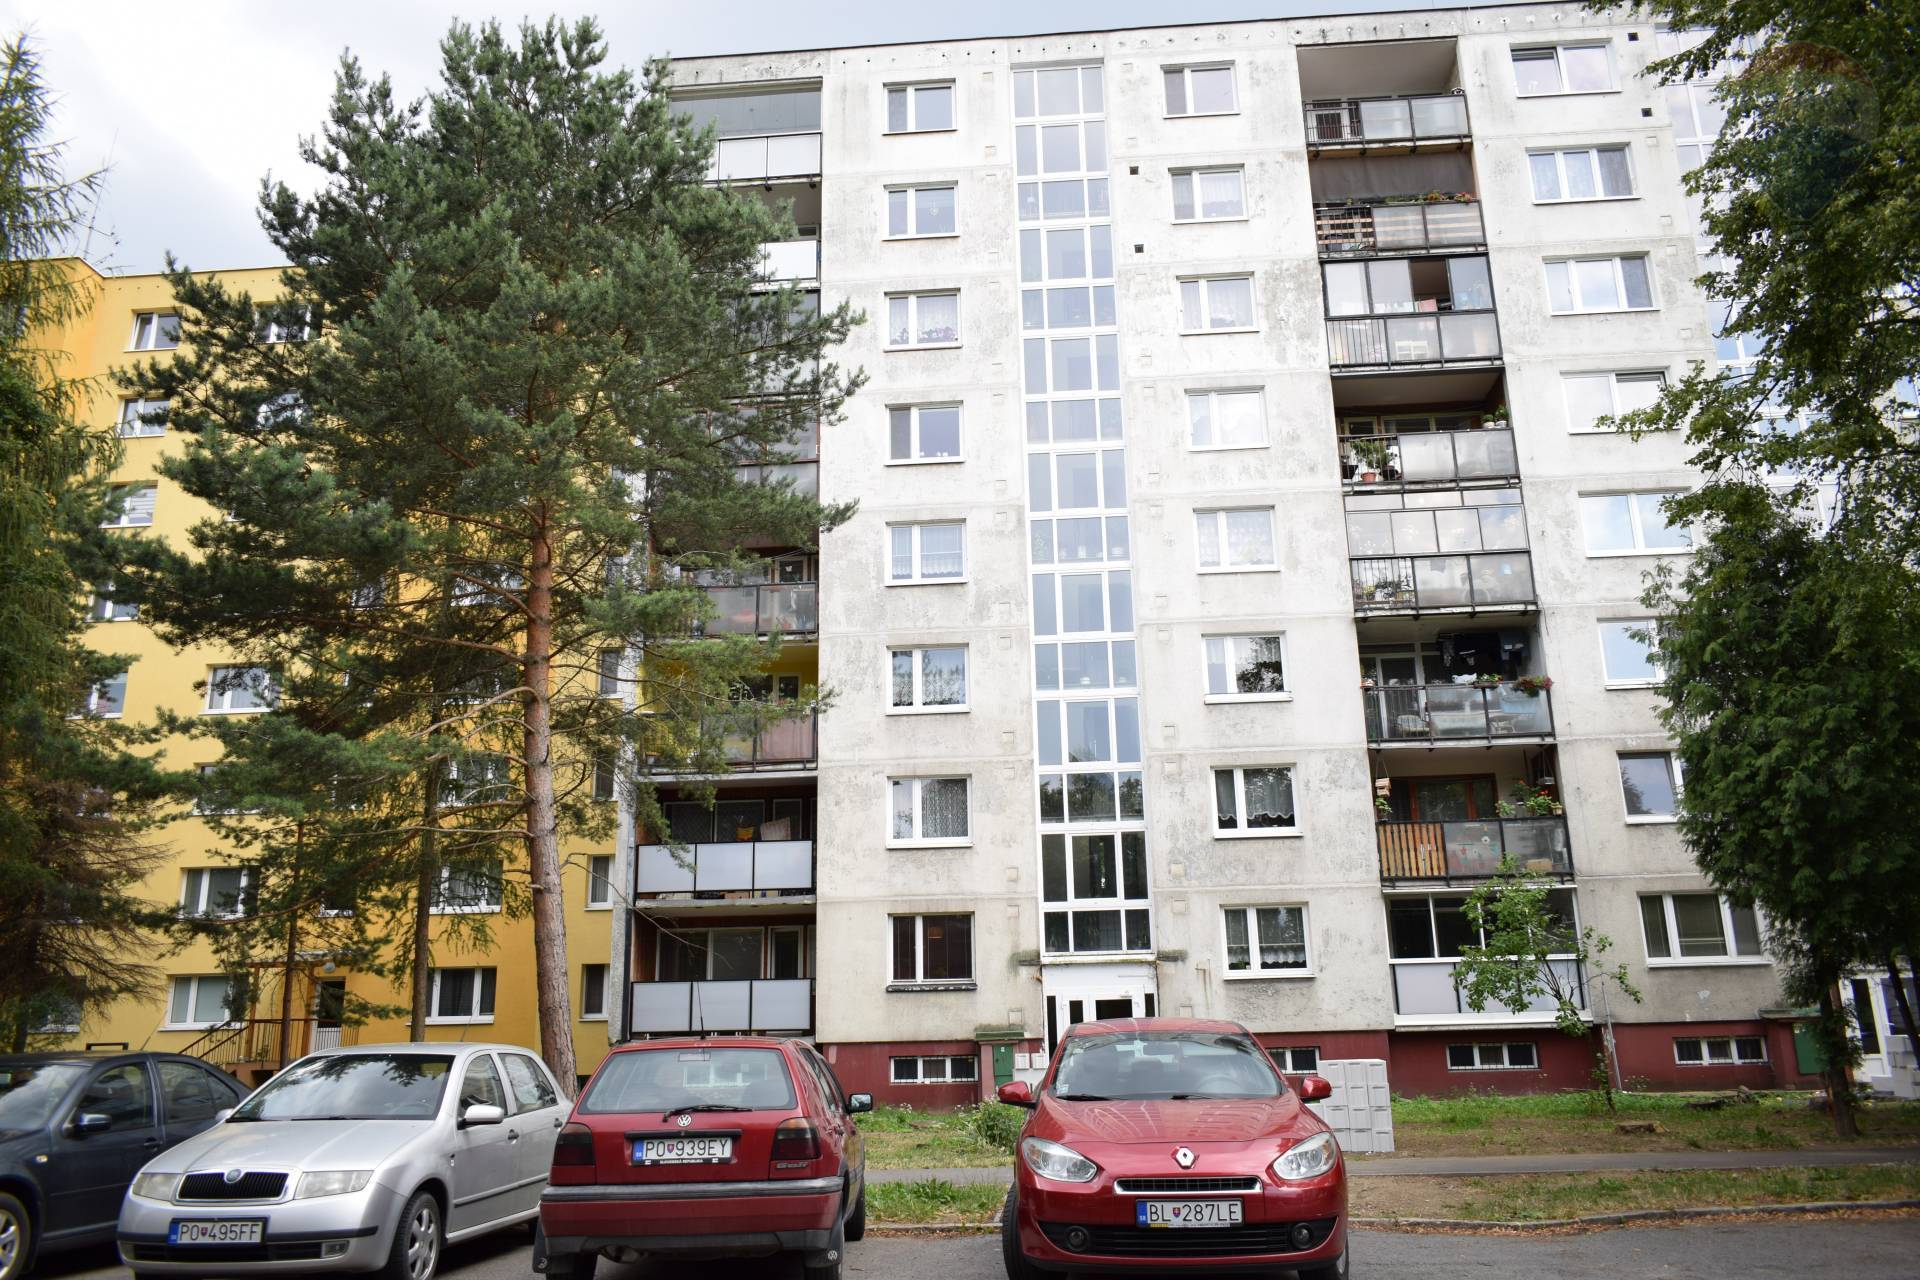 Predaj 3 izbového bytu s lodžiou v Prešove, Sídlisko III, ul. Antona Prídavku